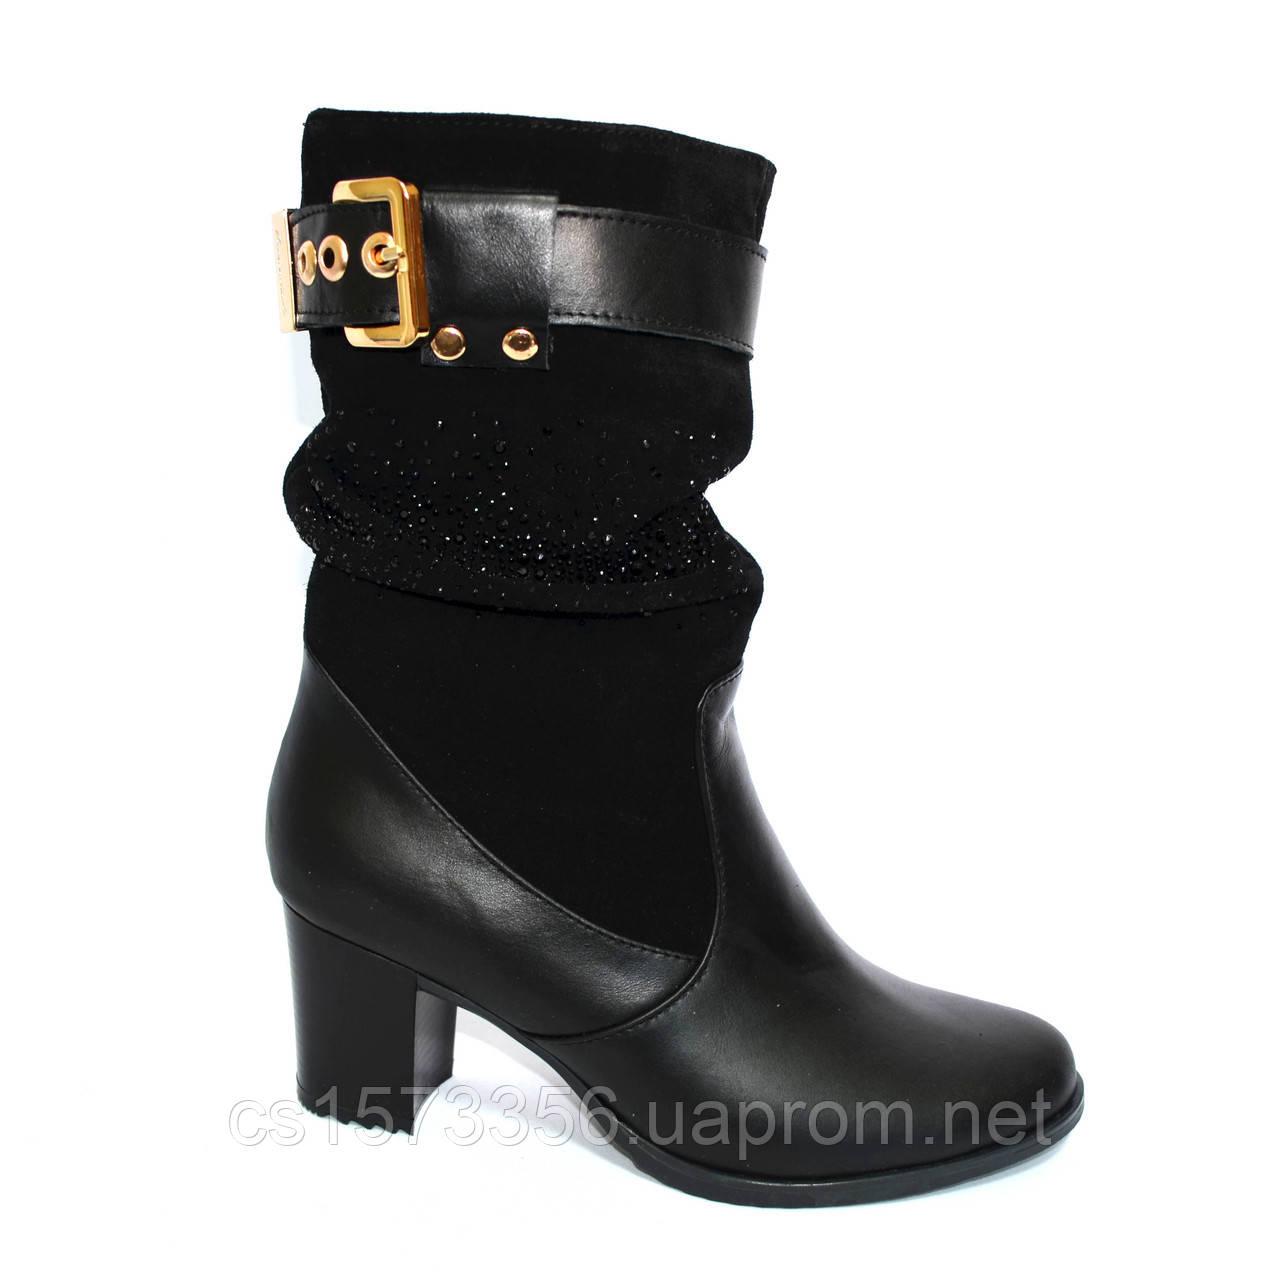 Стильные демисезонные женские ботинки на невысоком каблуке, натуральная кожа и замш